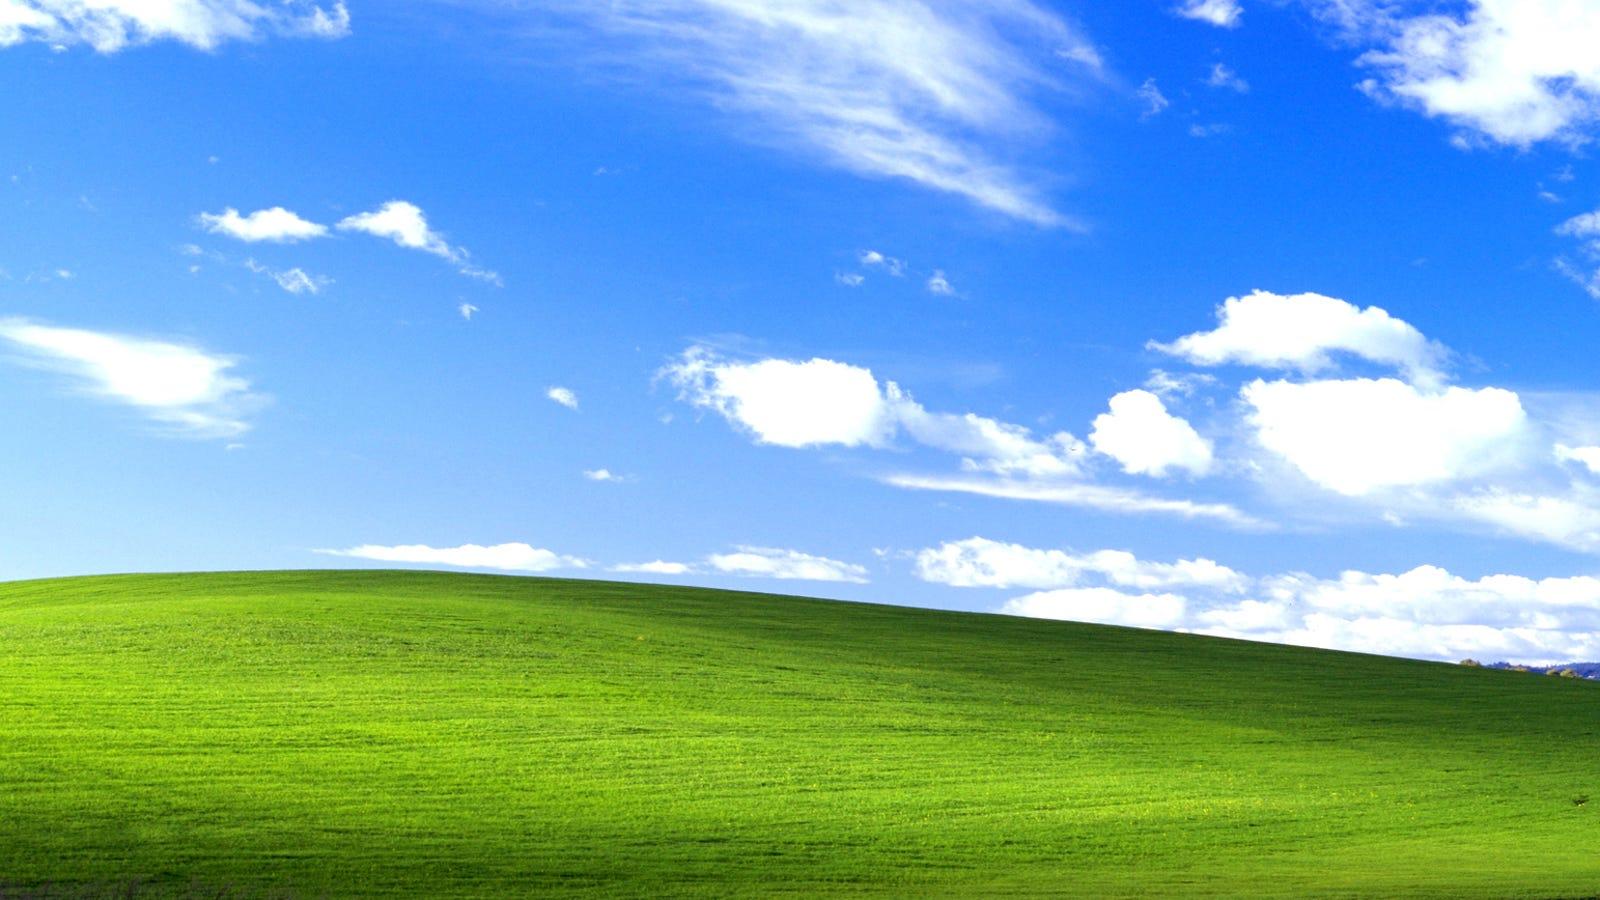 La verdadera historia de la foto de fondo de escritorio en Windows XP